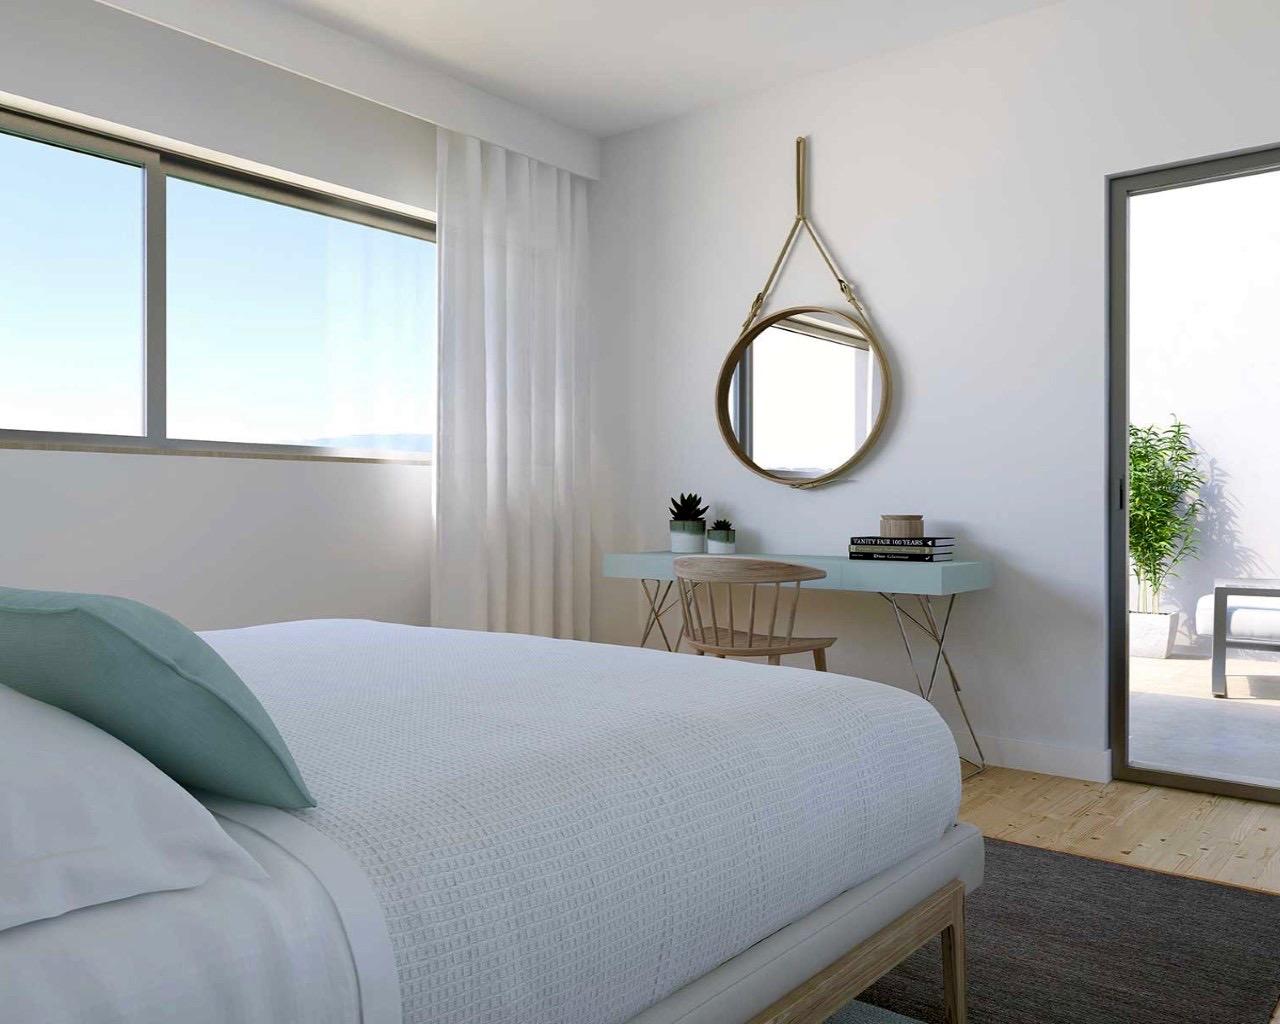 Profitez du confort de cette maison extrêmement lumineuse avec ses énormes Maison contemporaine de 3 chambres dans un condominium fermé à Ferragudo  - Algarve